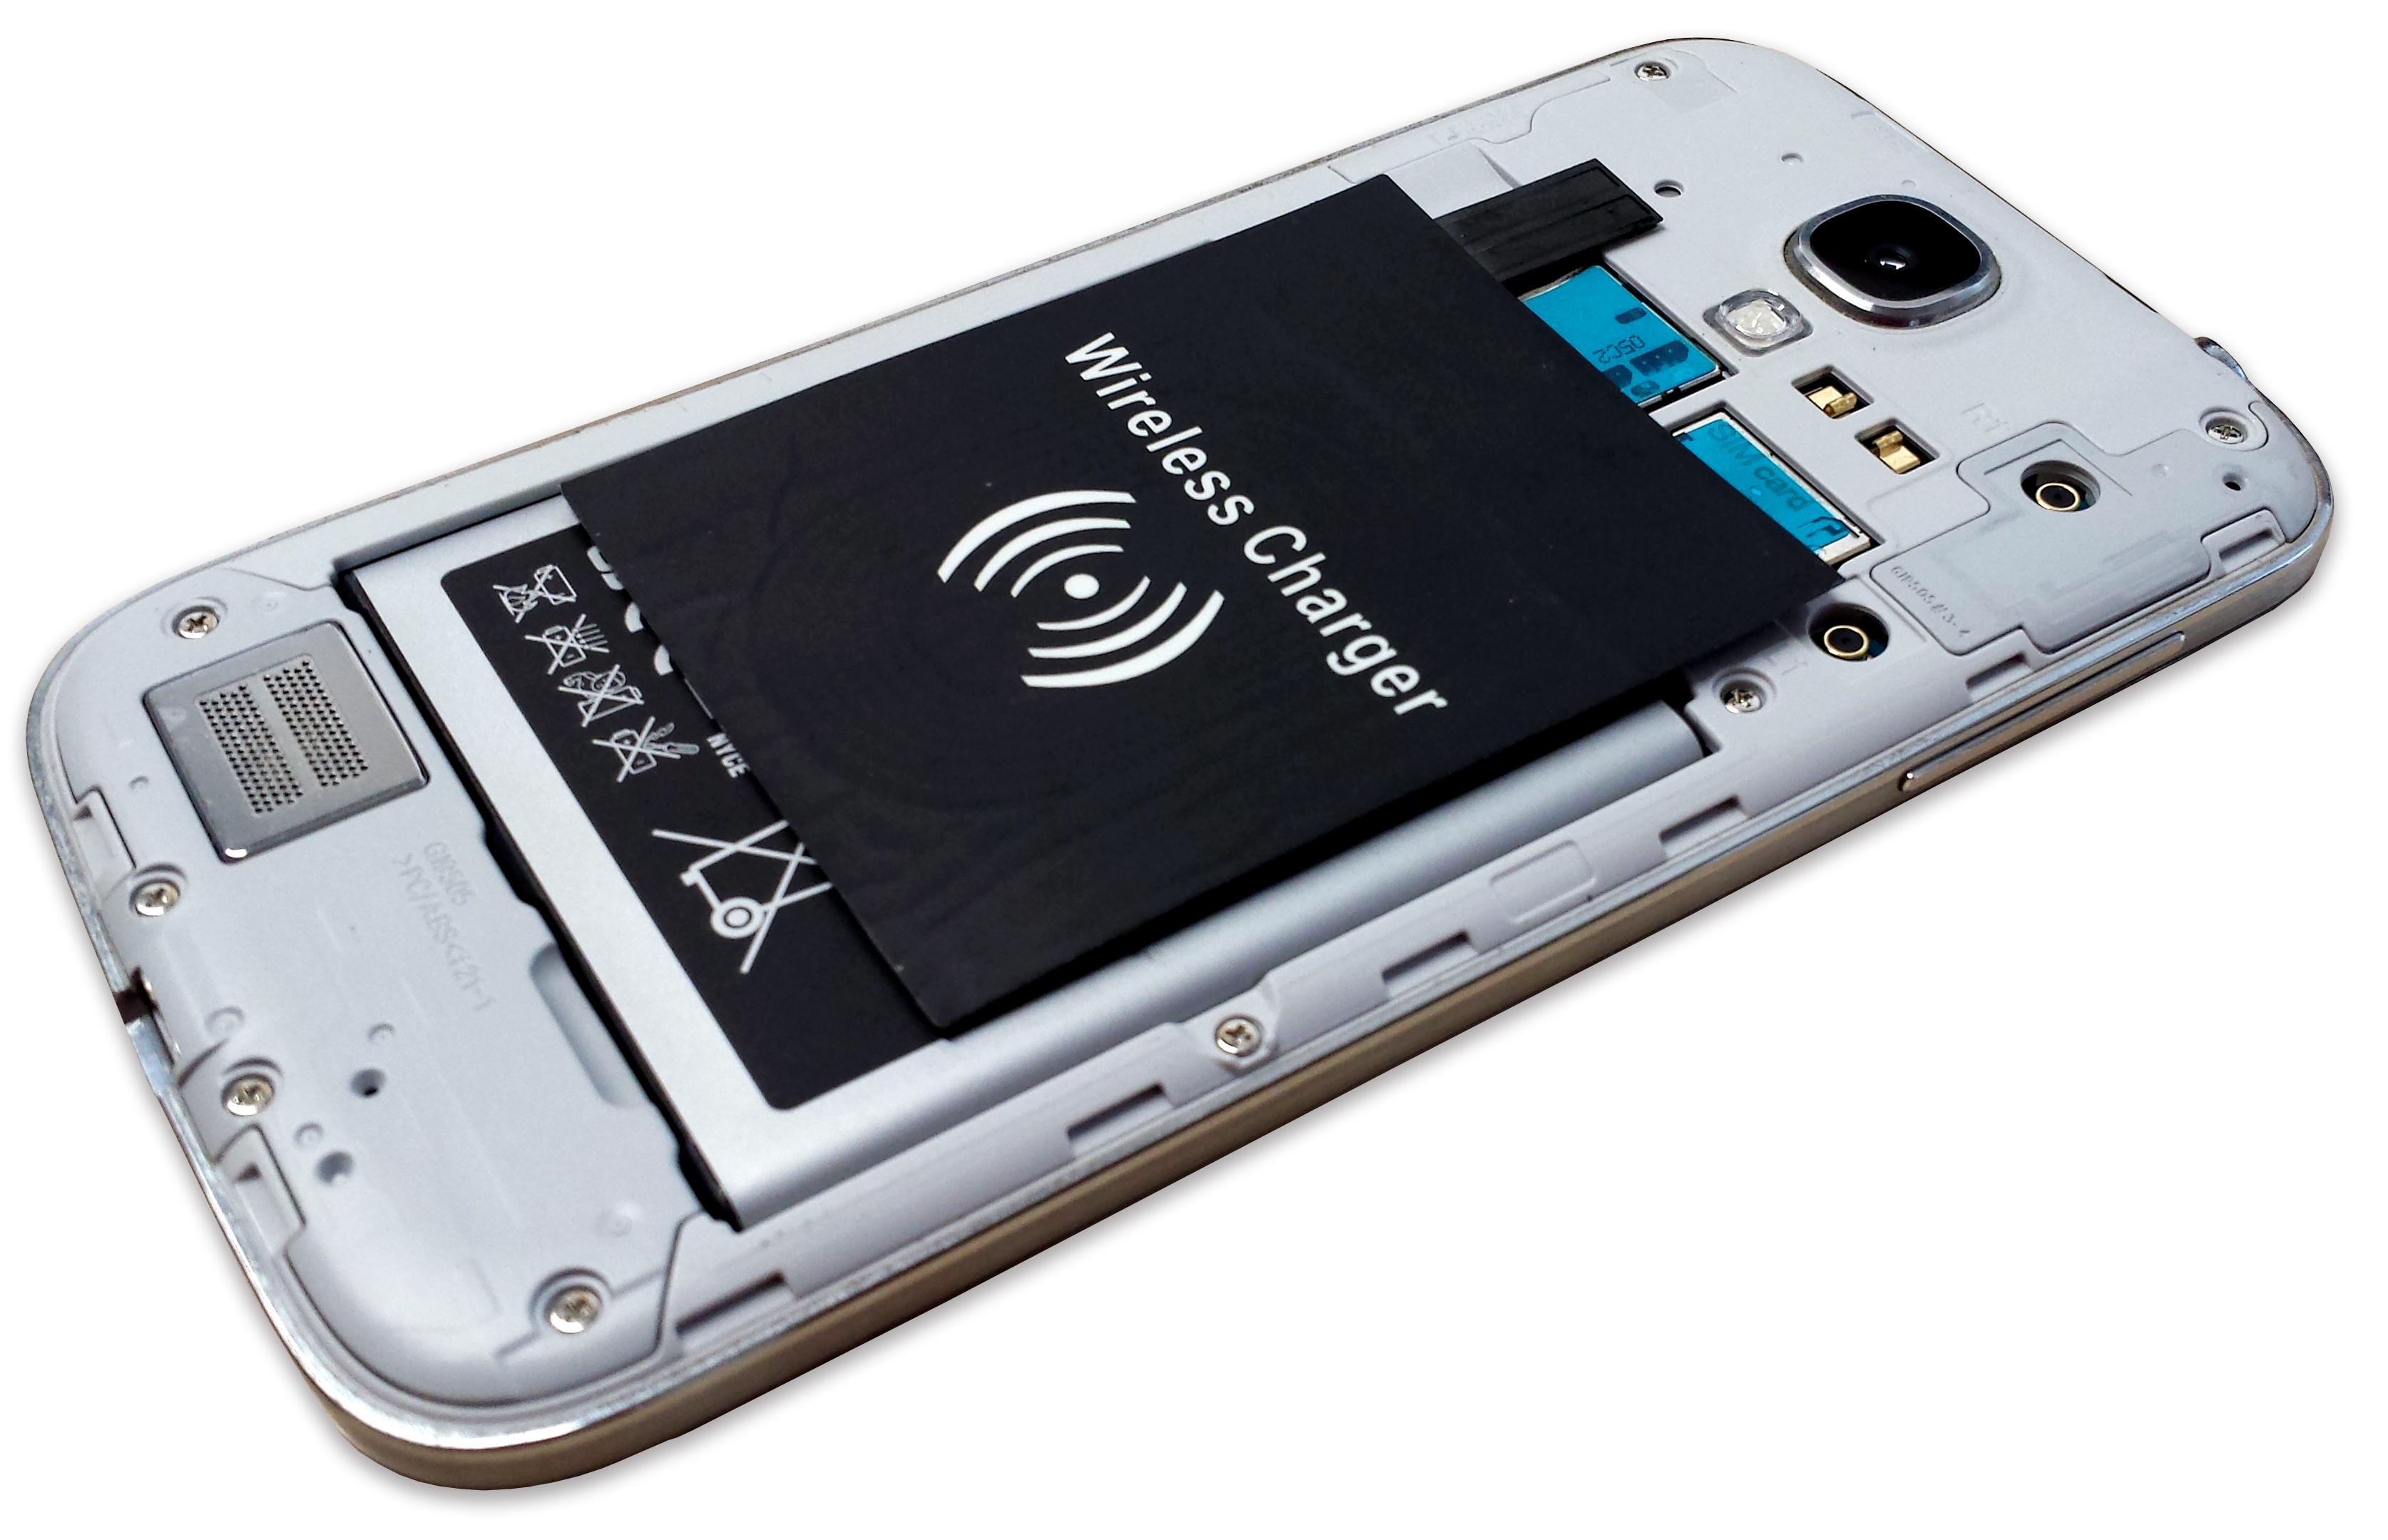 MKF-WR1 S4 cívka pro bezdrátové nabíjení mobilního telefonu